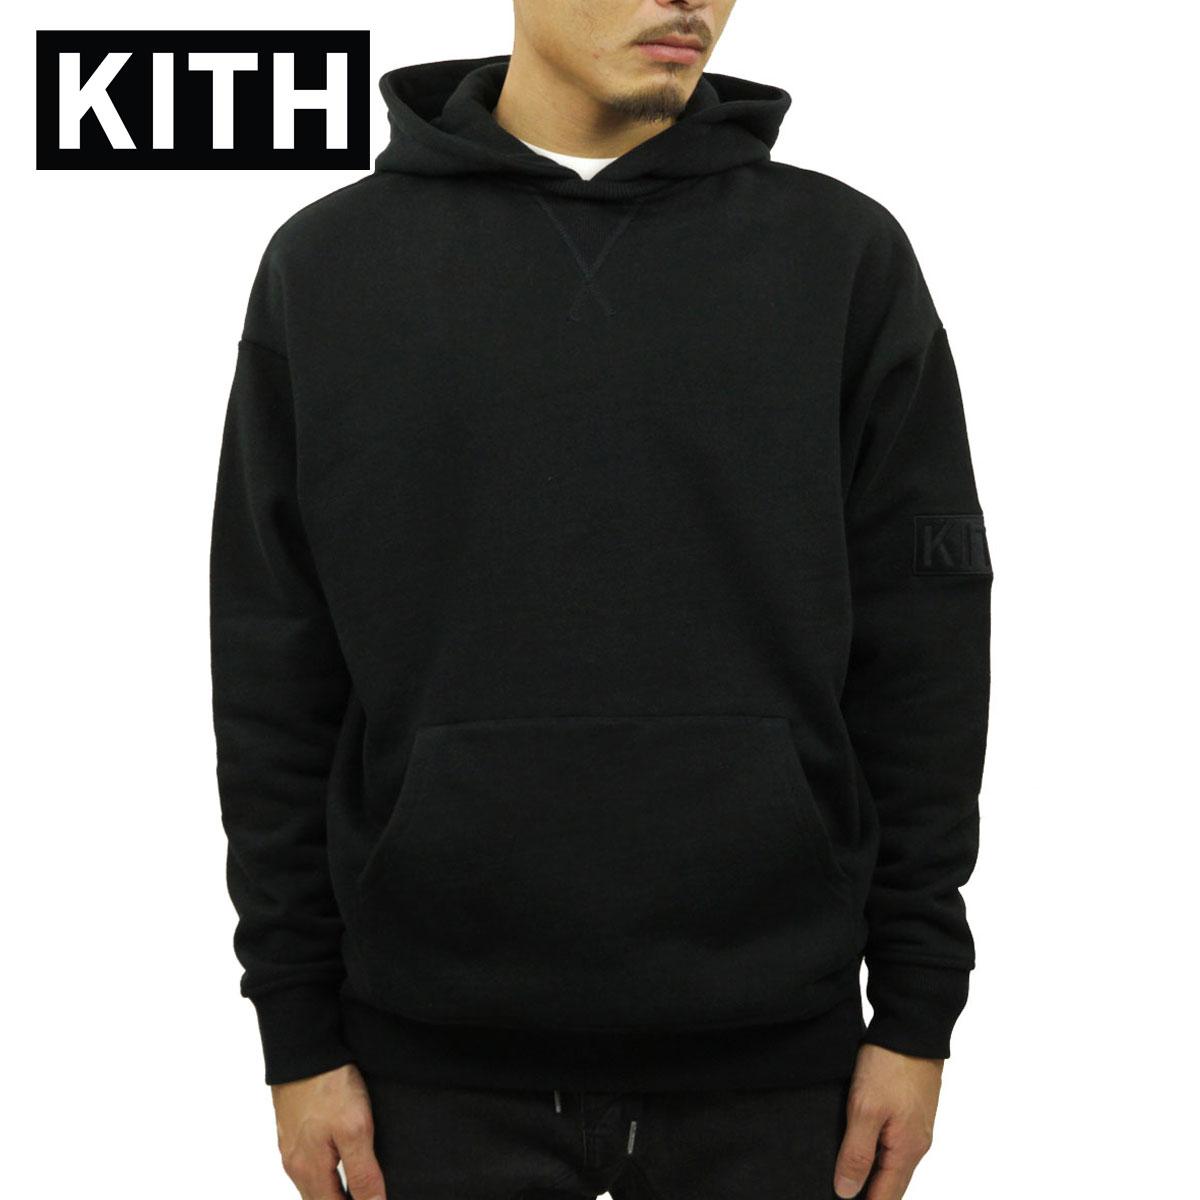 キス パーカー メンズ 正規品 KITH プルオーバーパーカー KITH WILLIAMS II HOODIE KH2221-100 BLACK